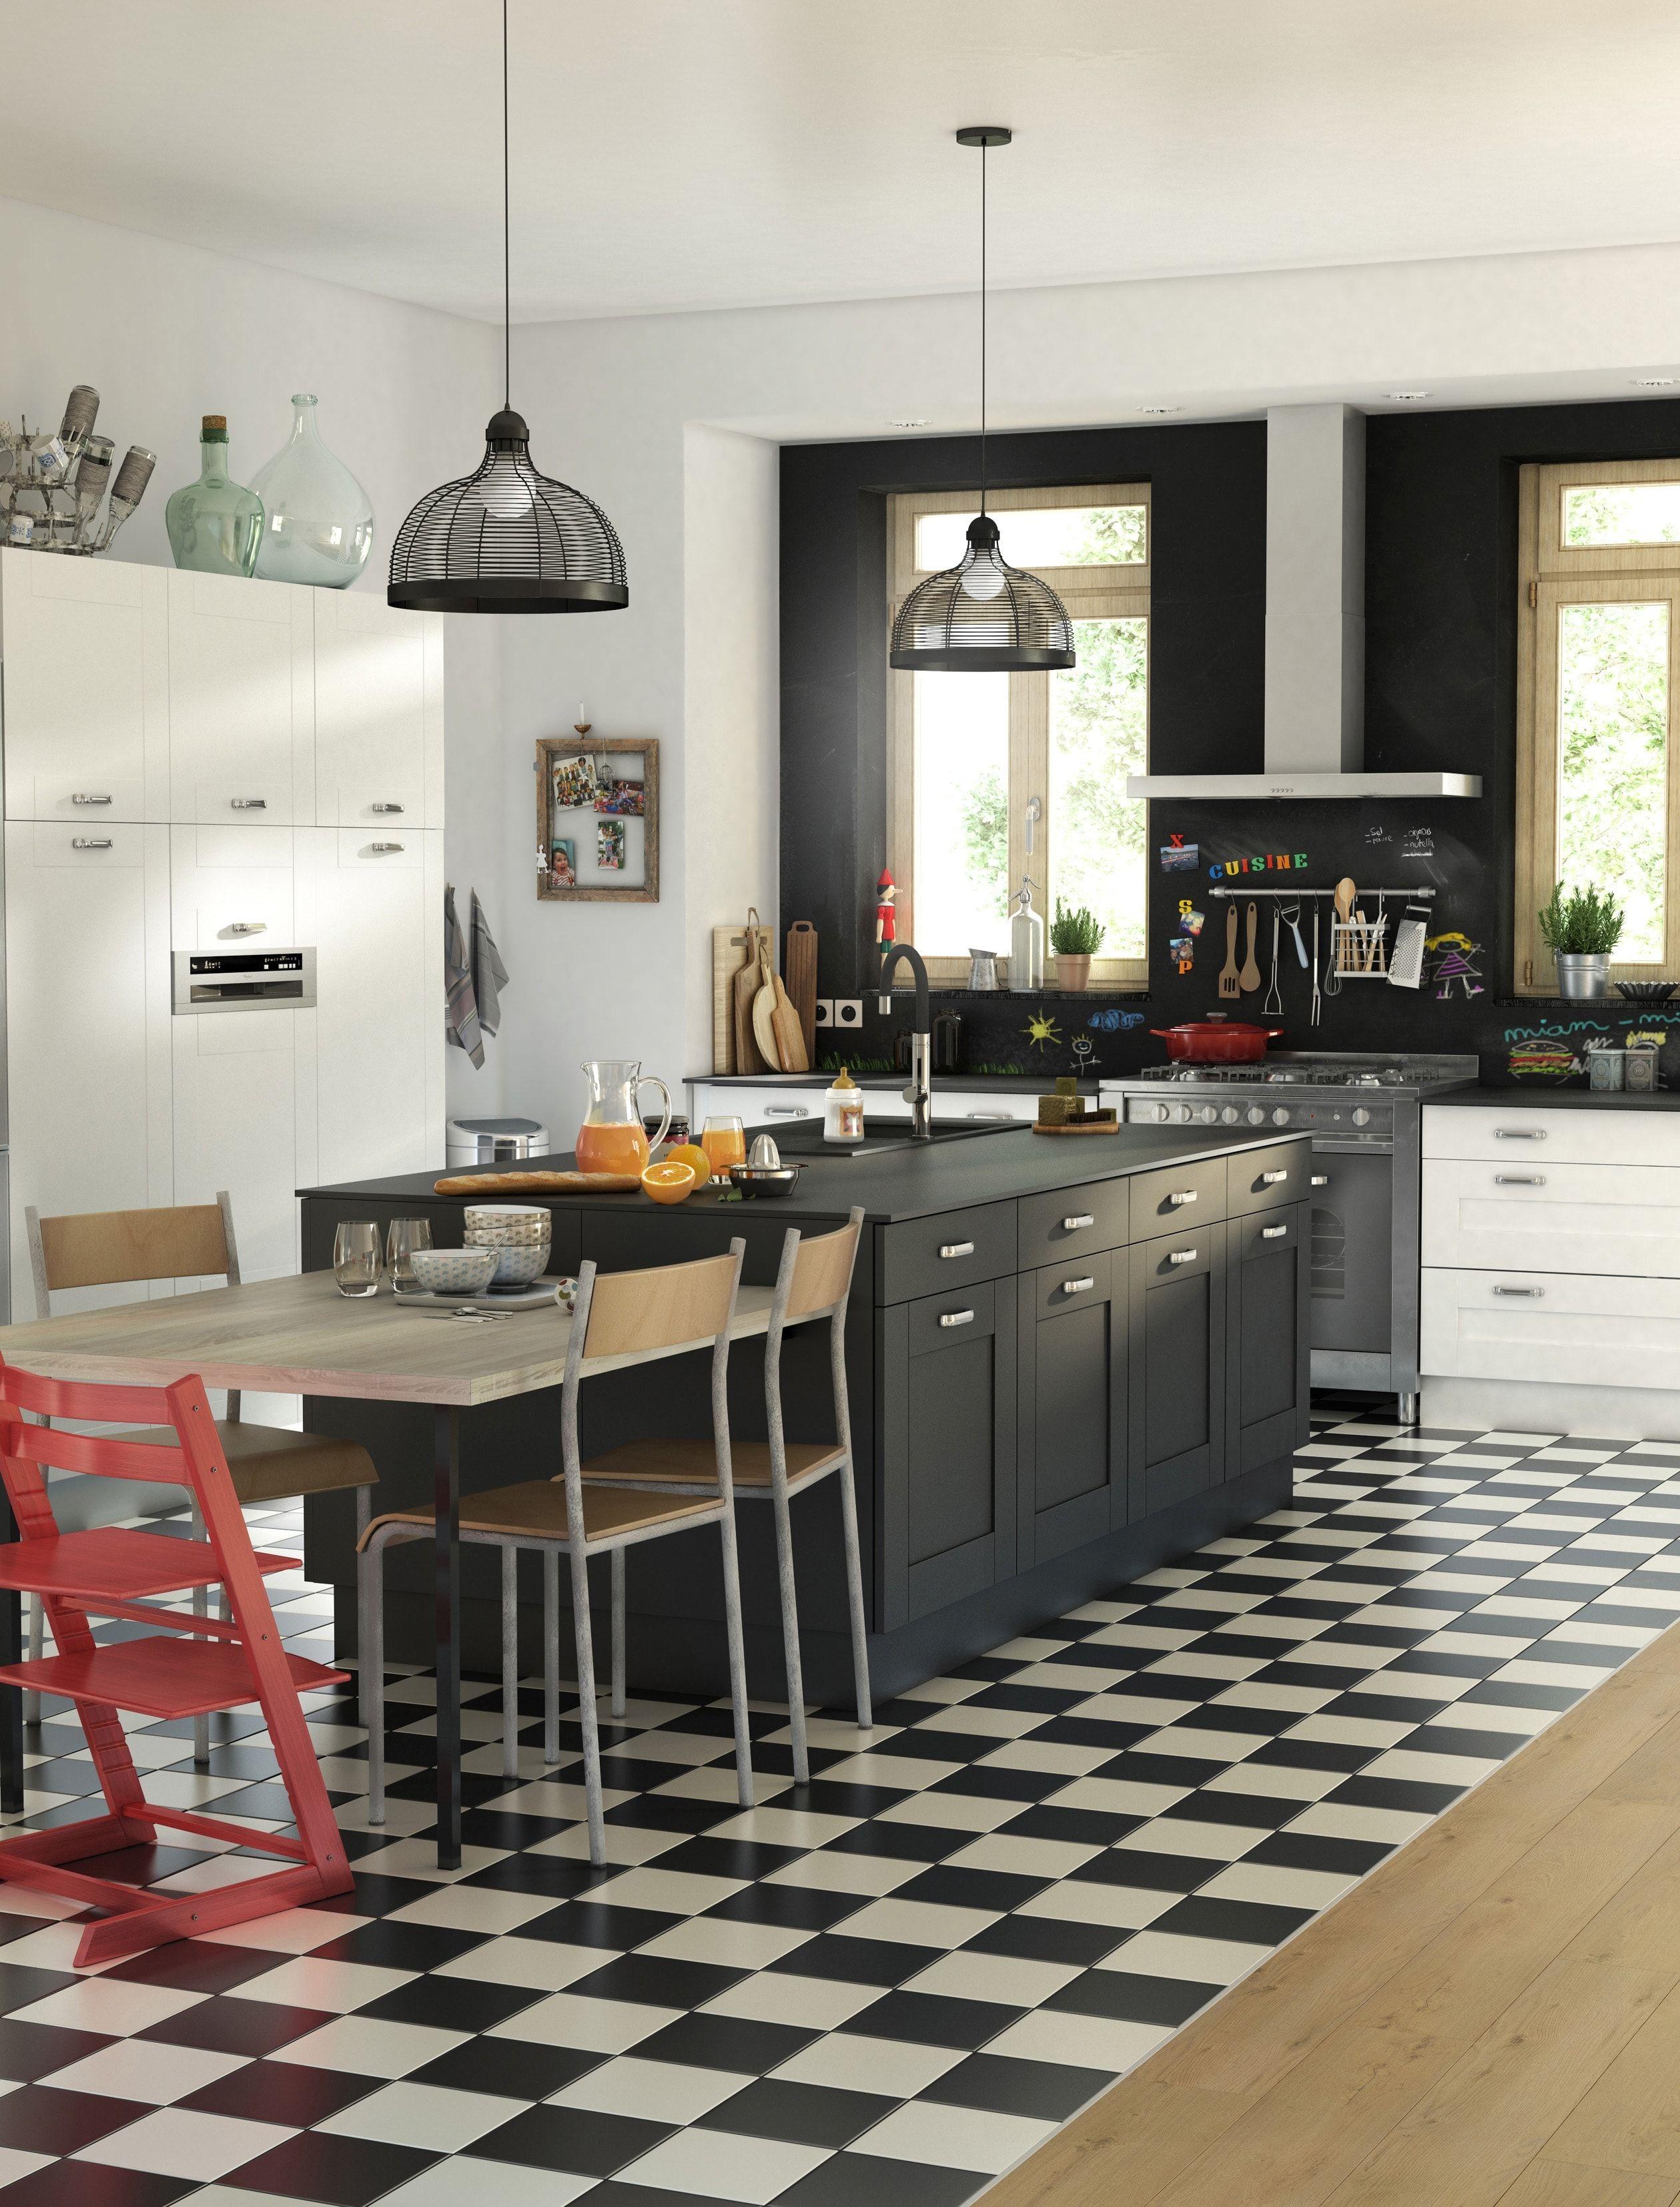 Cuisine Avec Ilot Central Et Hotte ~ R Sultat De Recherche D Images Pour Cuisine Noire Laxarby